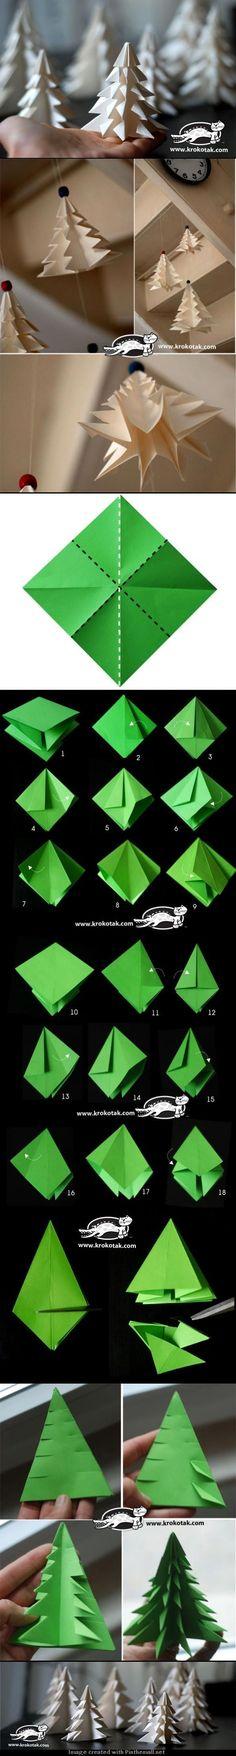 Origami Weihnachtsbaum: